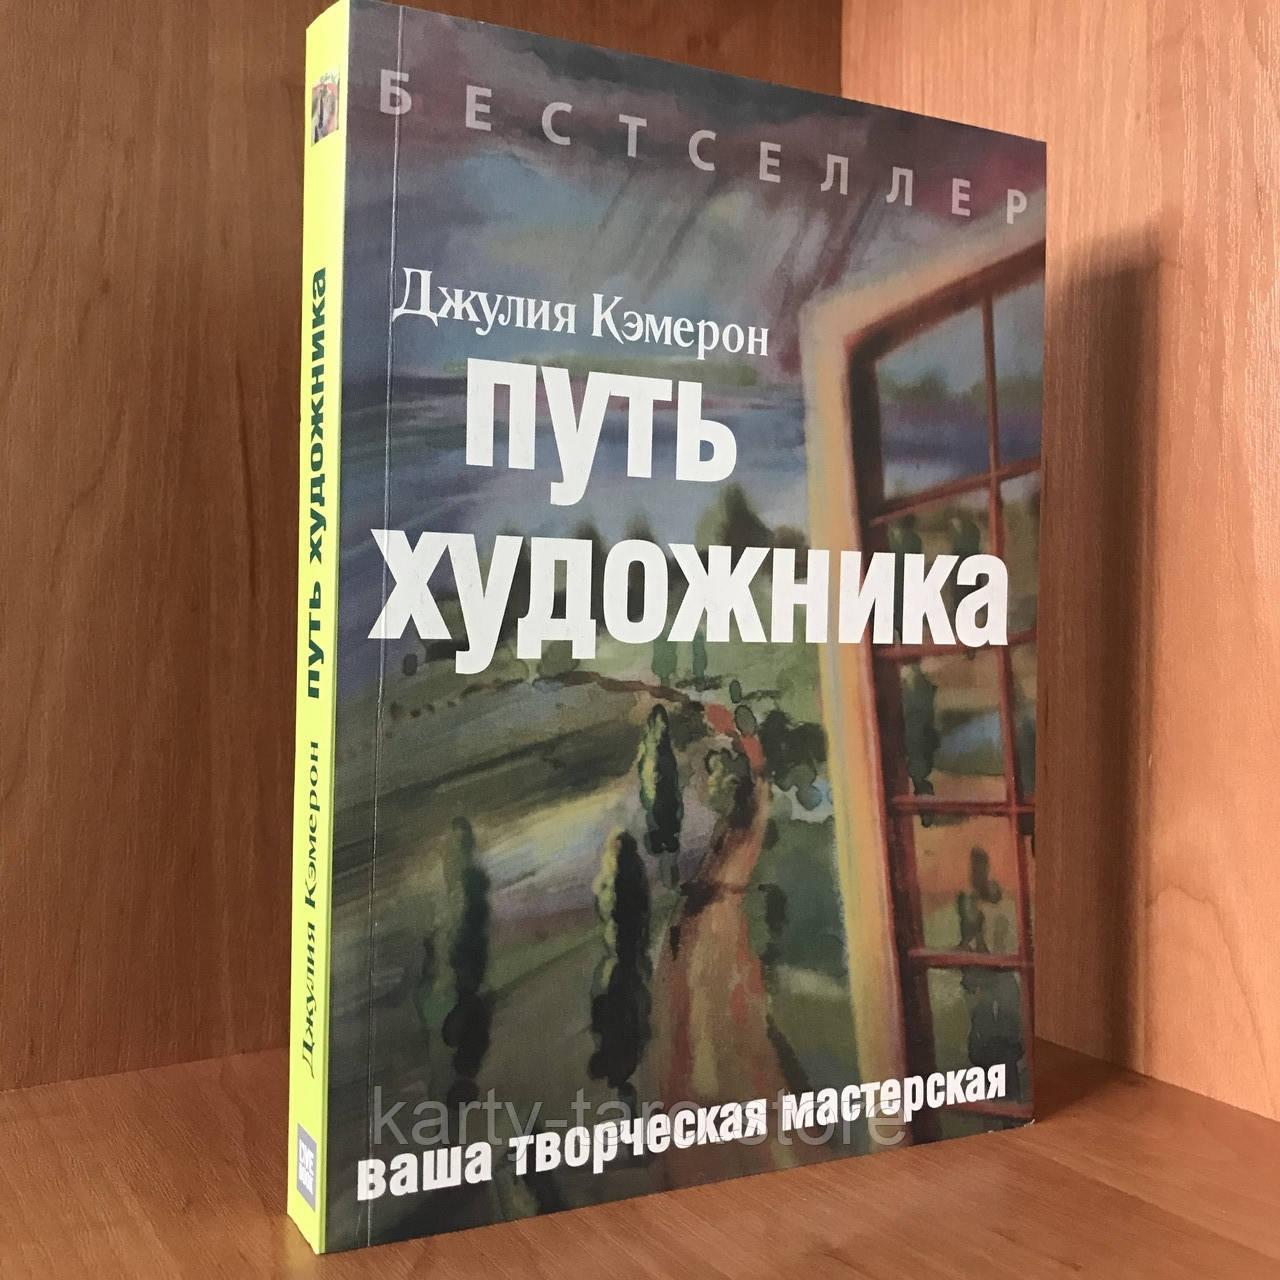 Книга Путь художника - Джулия Кэмерон